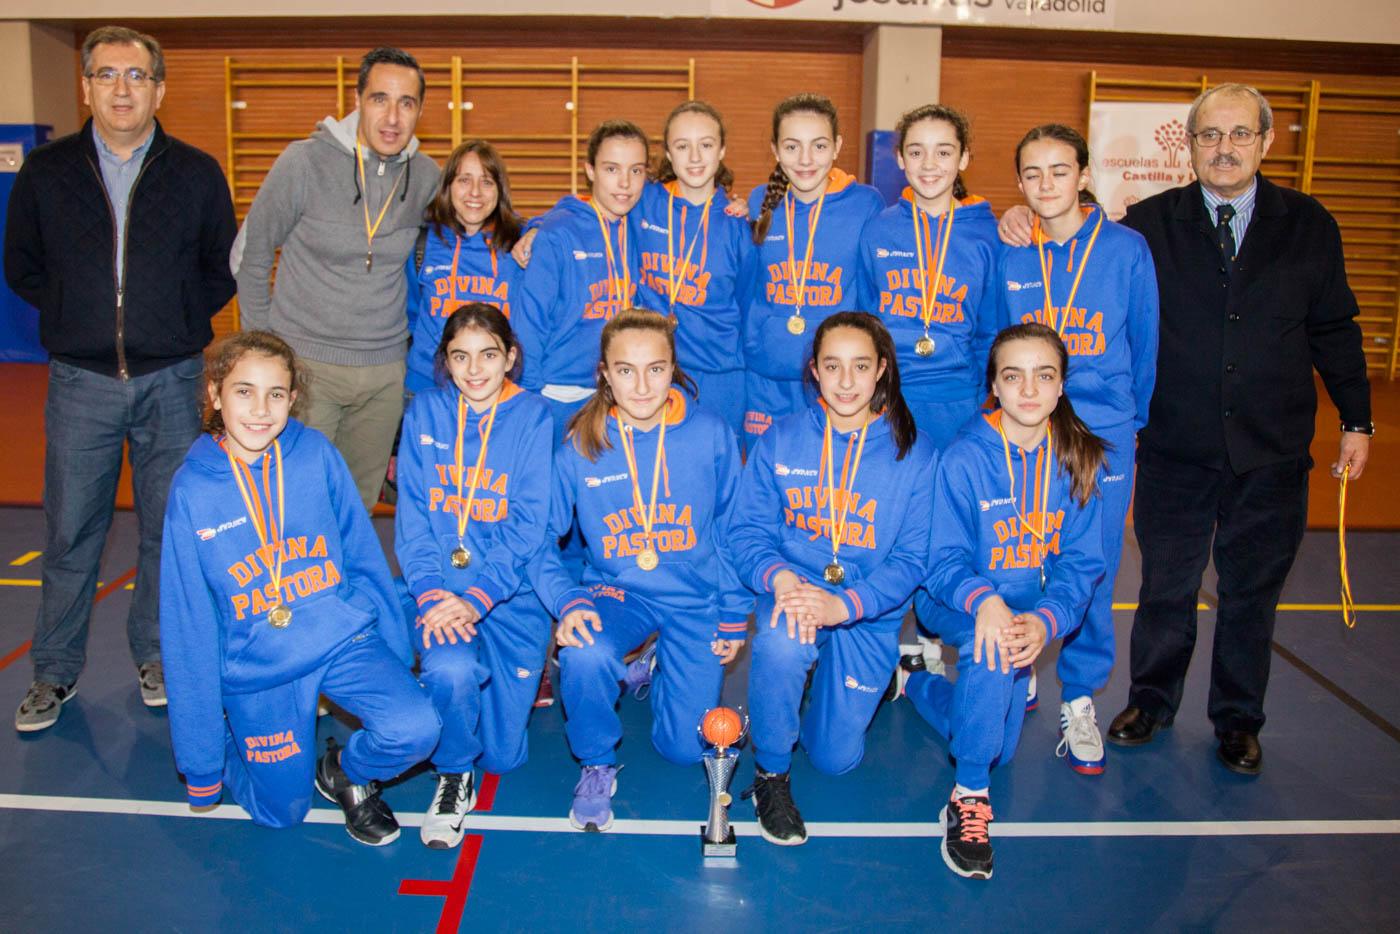 Colegio Divina Pastora (León), campeón de baloncesto femenino